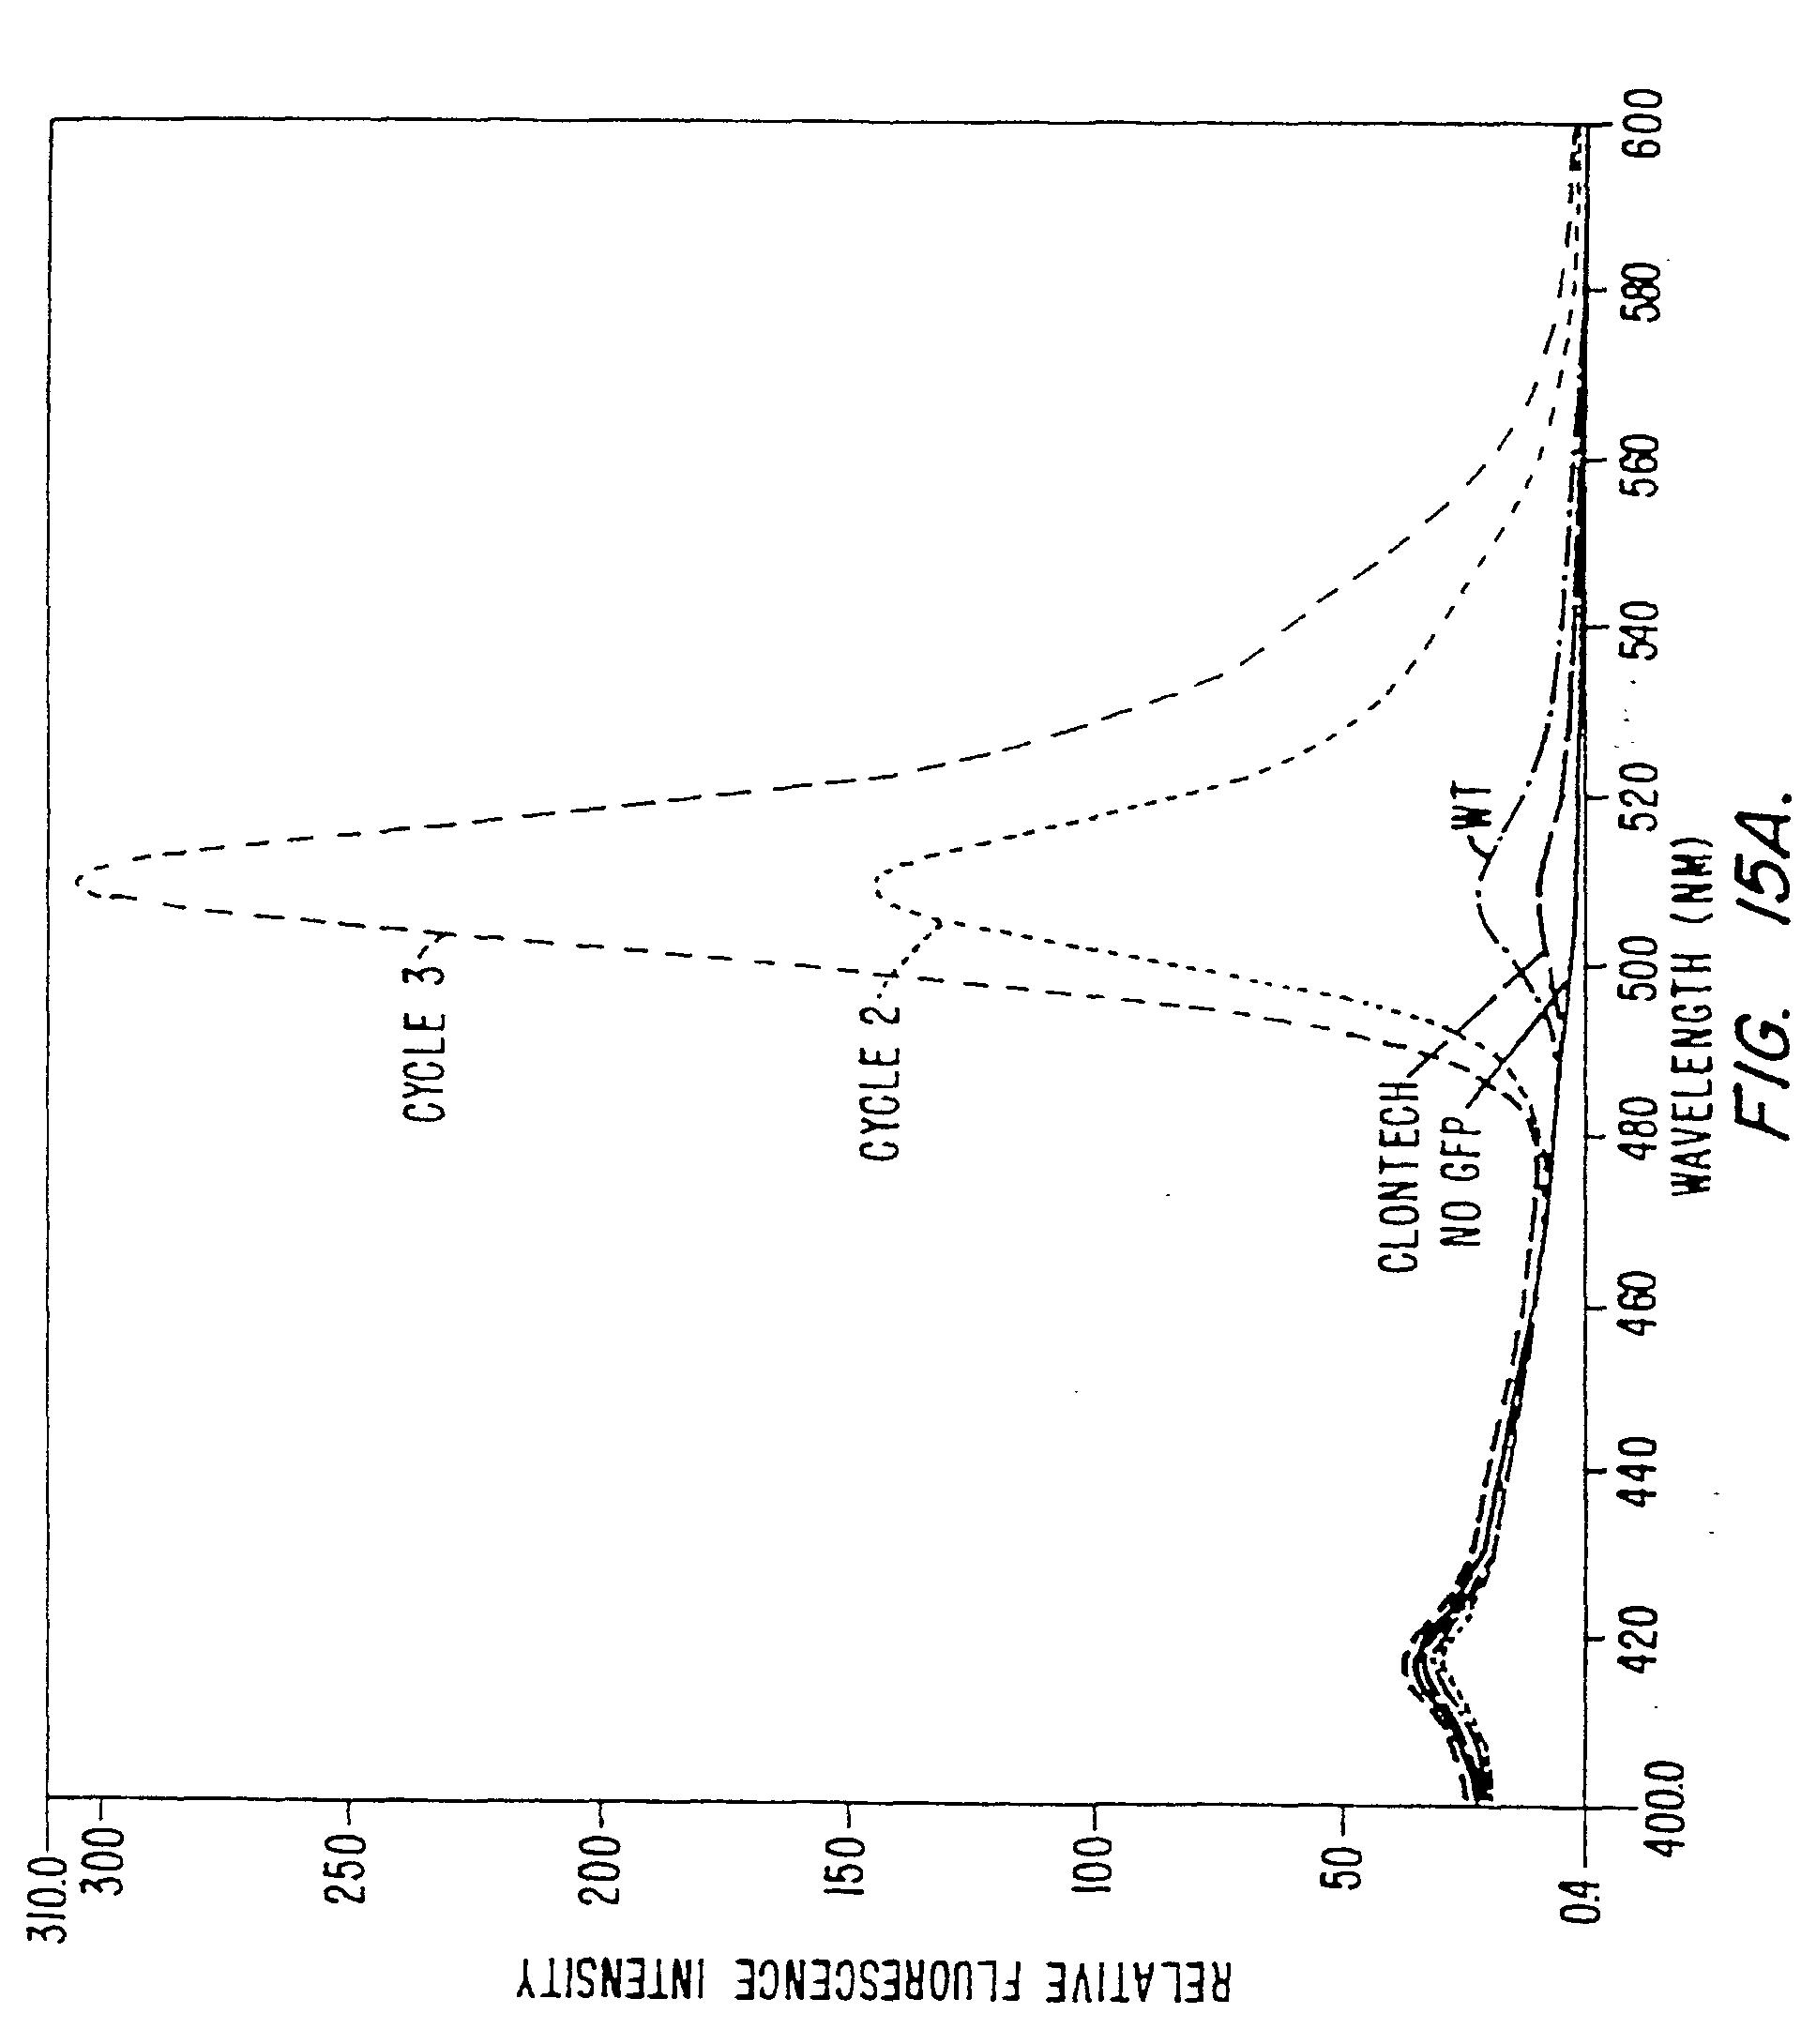 HU221806B1 - Vázon módosított oligonukleotid analógok - Google Patents